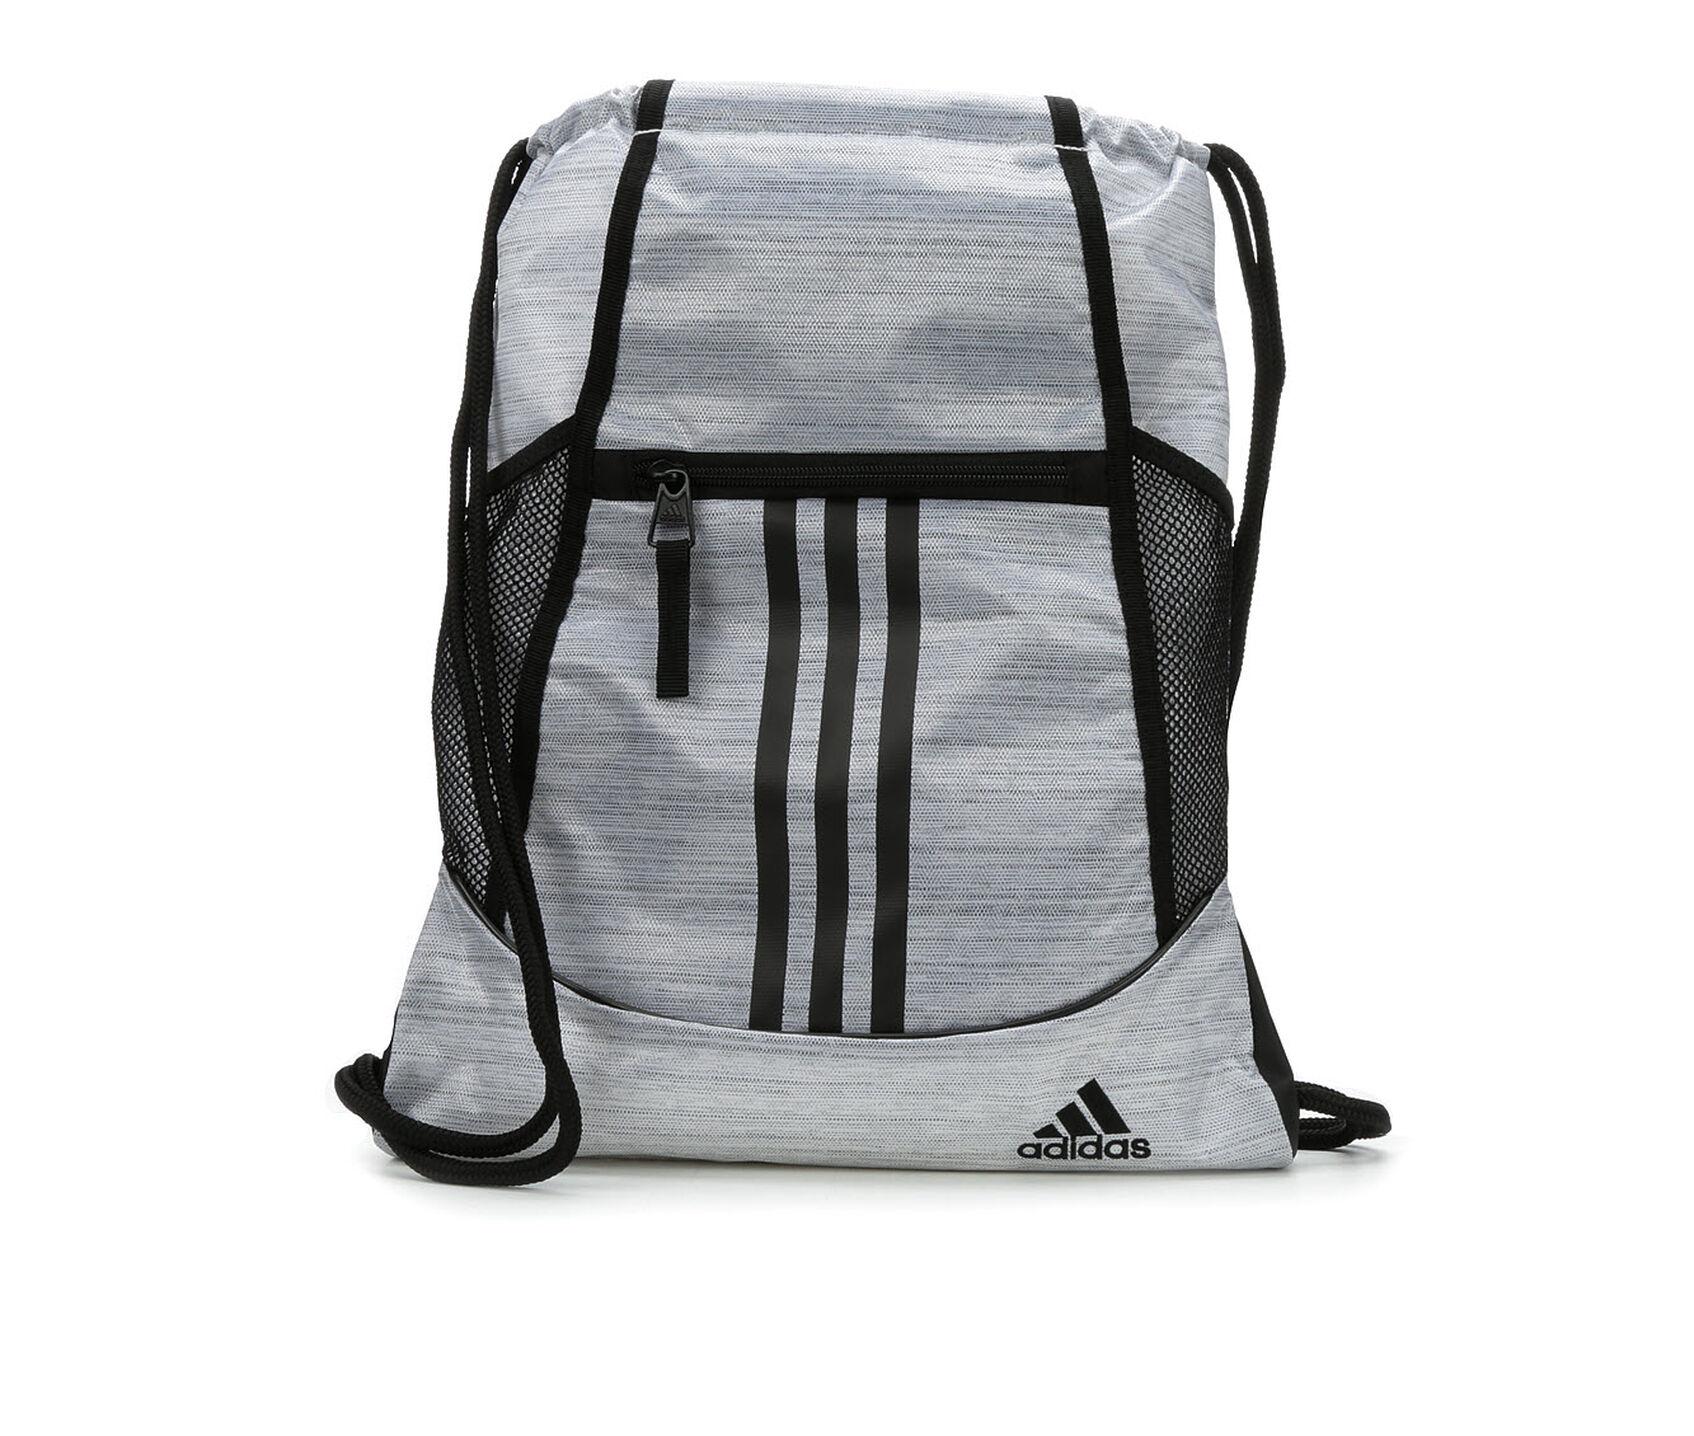 12eac8efb2 Adidas Alliance II Sackpack